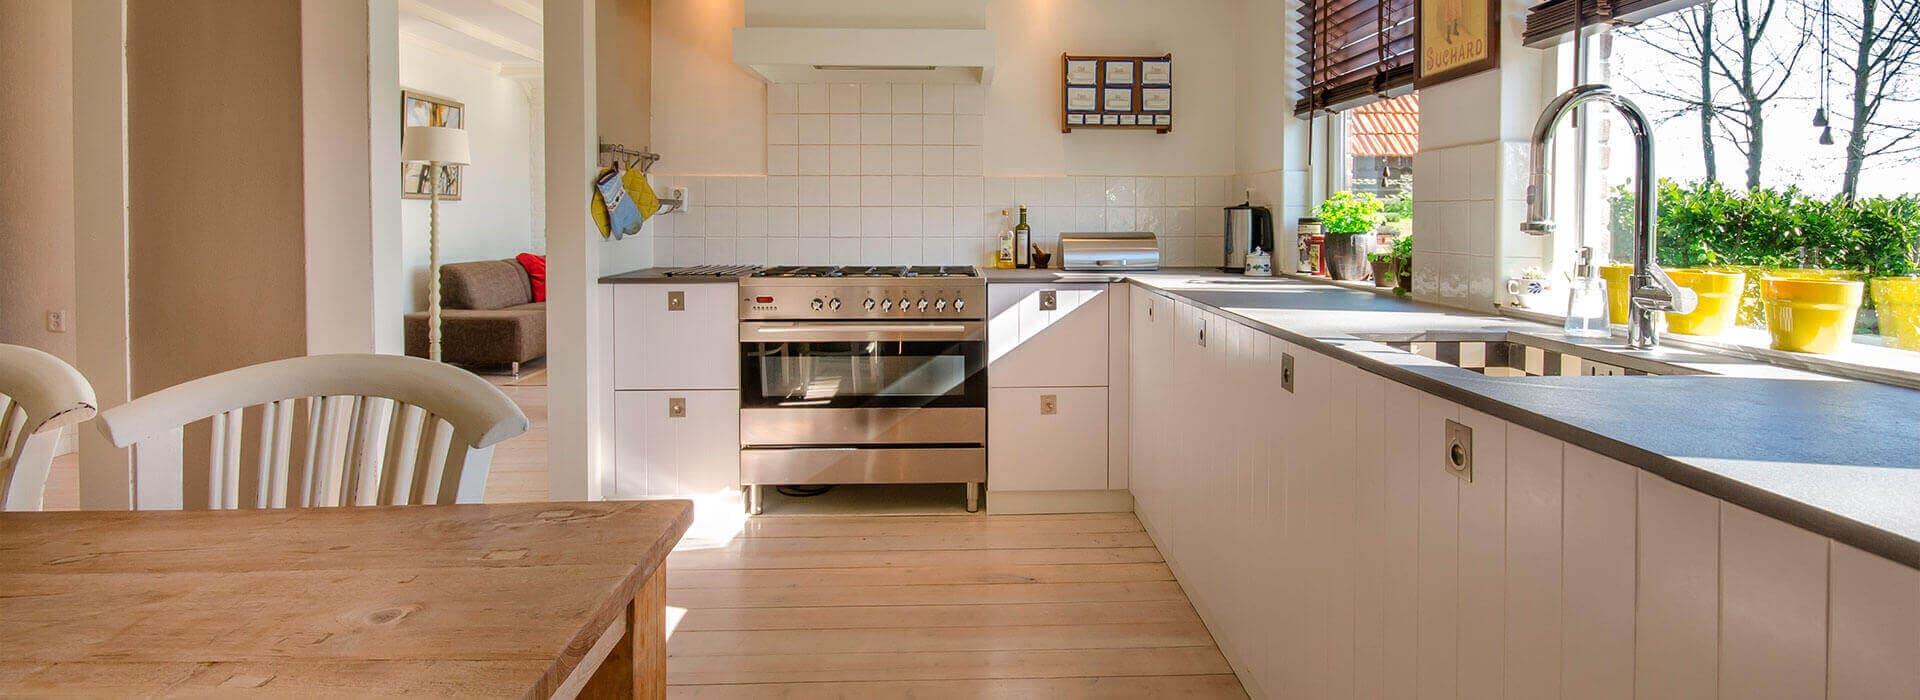 Muebles de cocina palma de mallorca campanas de cocina mallorca with muebles de cocina palma de - Muebles de cocina en palma de mallorca ...